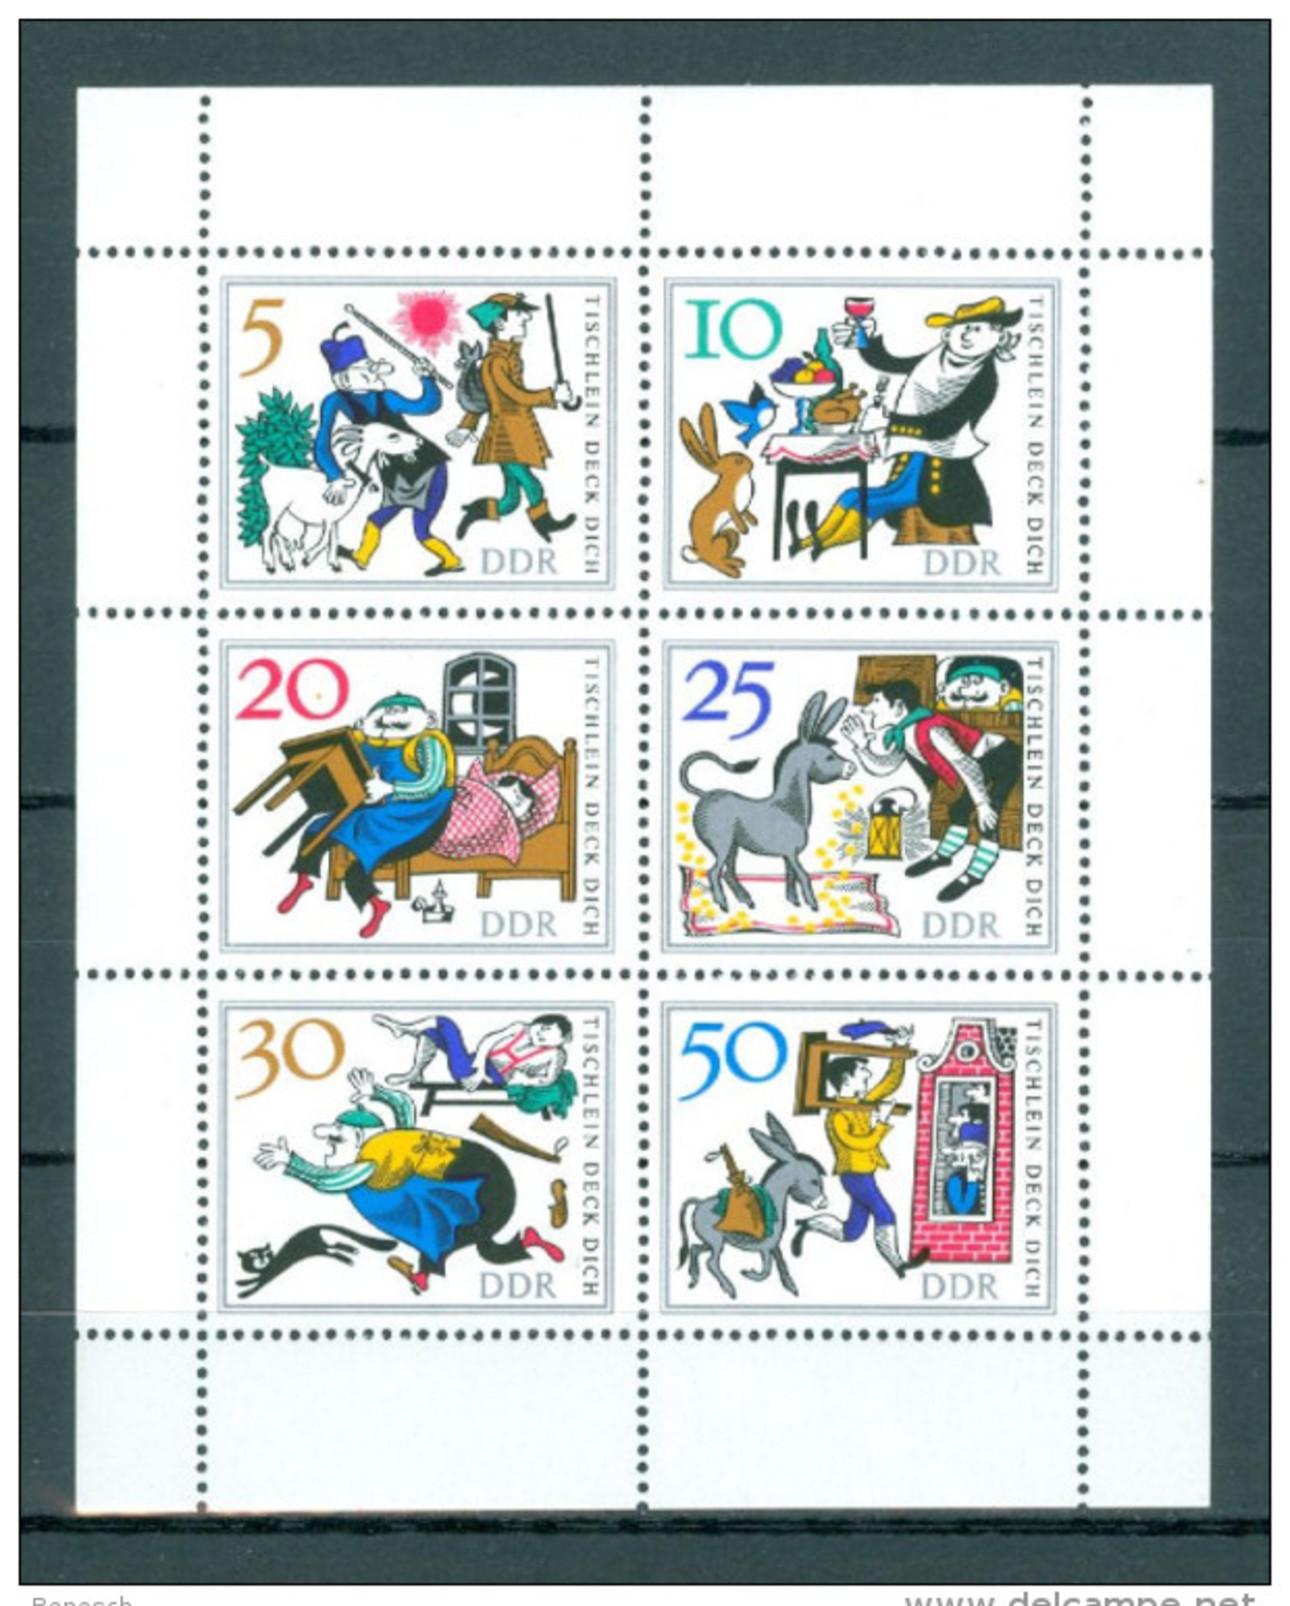 DDR Kleinbogen Mi-Nr. 1236 - 1241 Märchen Tischlein Deck Dich Postfrisch - [6] República Democrática